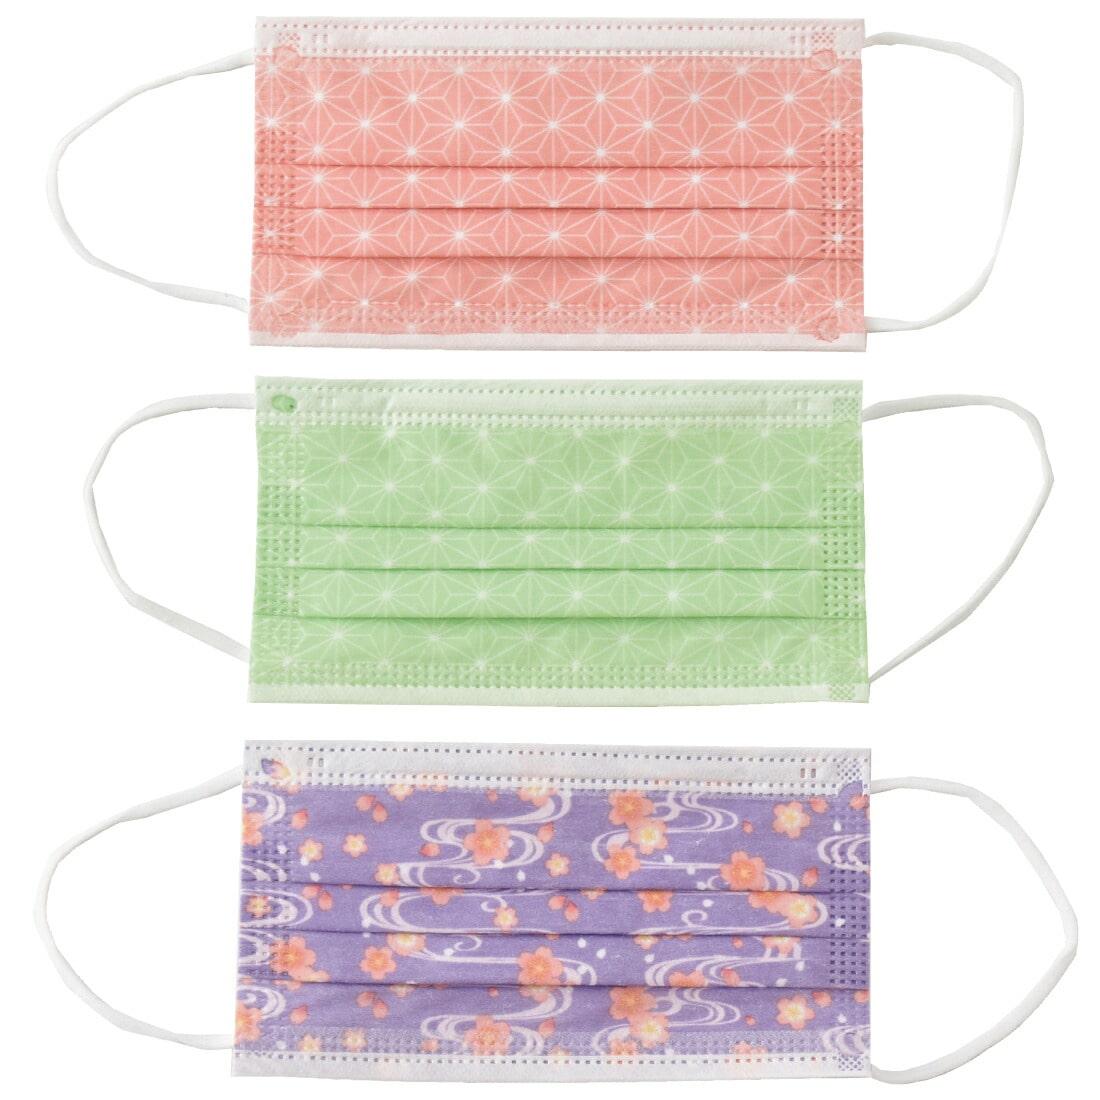 不織布マスク カラー 柄 日本製 サージカルマスク 30枚入 標準 全2種 使い捨て 3層構造 花粉 PM2.5対策 個包装 おしゃれ 通年用 大人 女性 男性 標準 和柄_ピンク・緑・紫